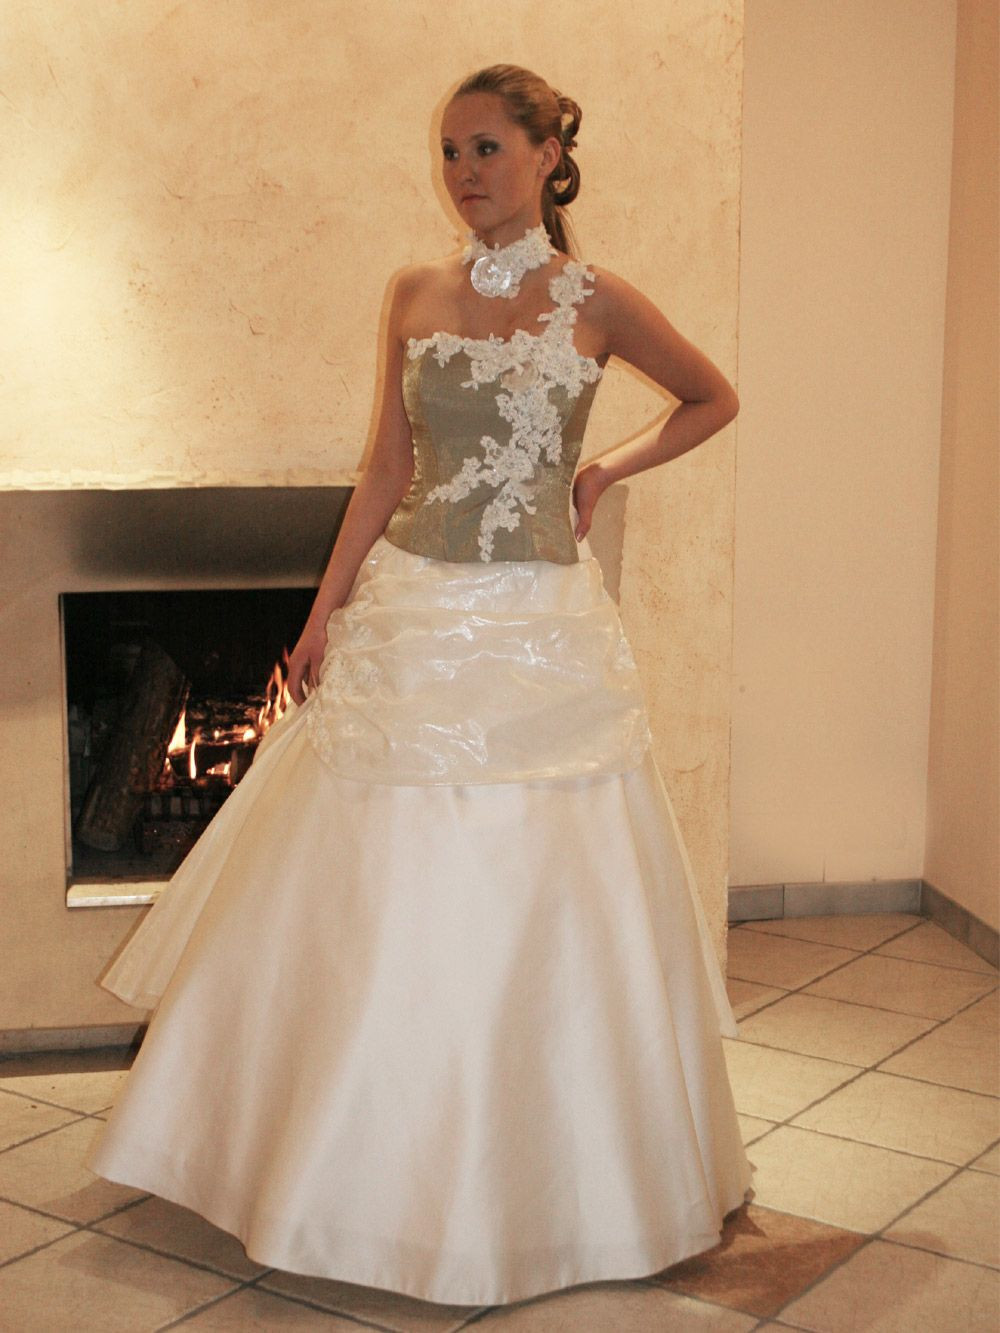 Hochzeitskleid Grün  Brautkleid farbig Hochzeitskleid grün